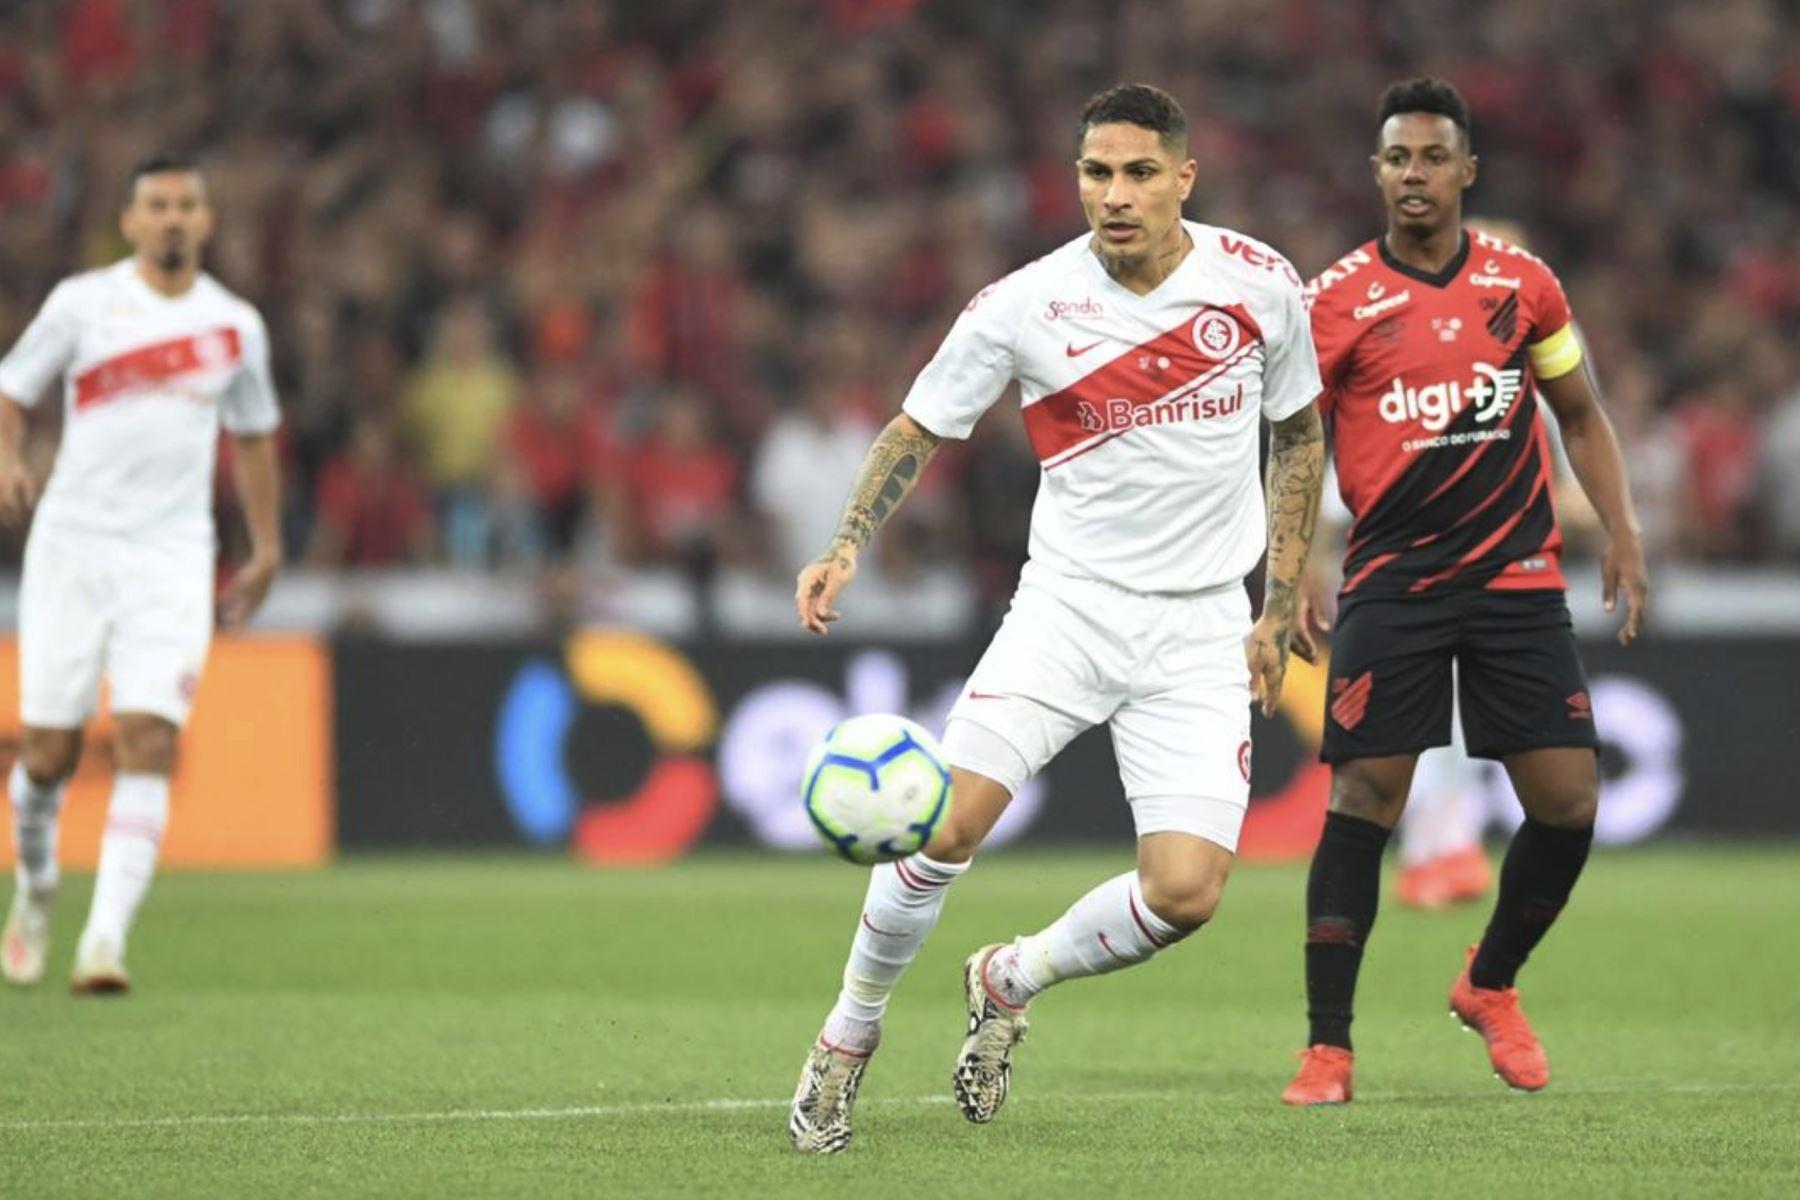 Internacional cae 1 a 0 ante el  Paranaense, por la final de Copa Brasil, teniendo en el ataque a  Paolo Guerrero. Foto:Twitter Internacional